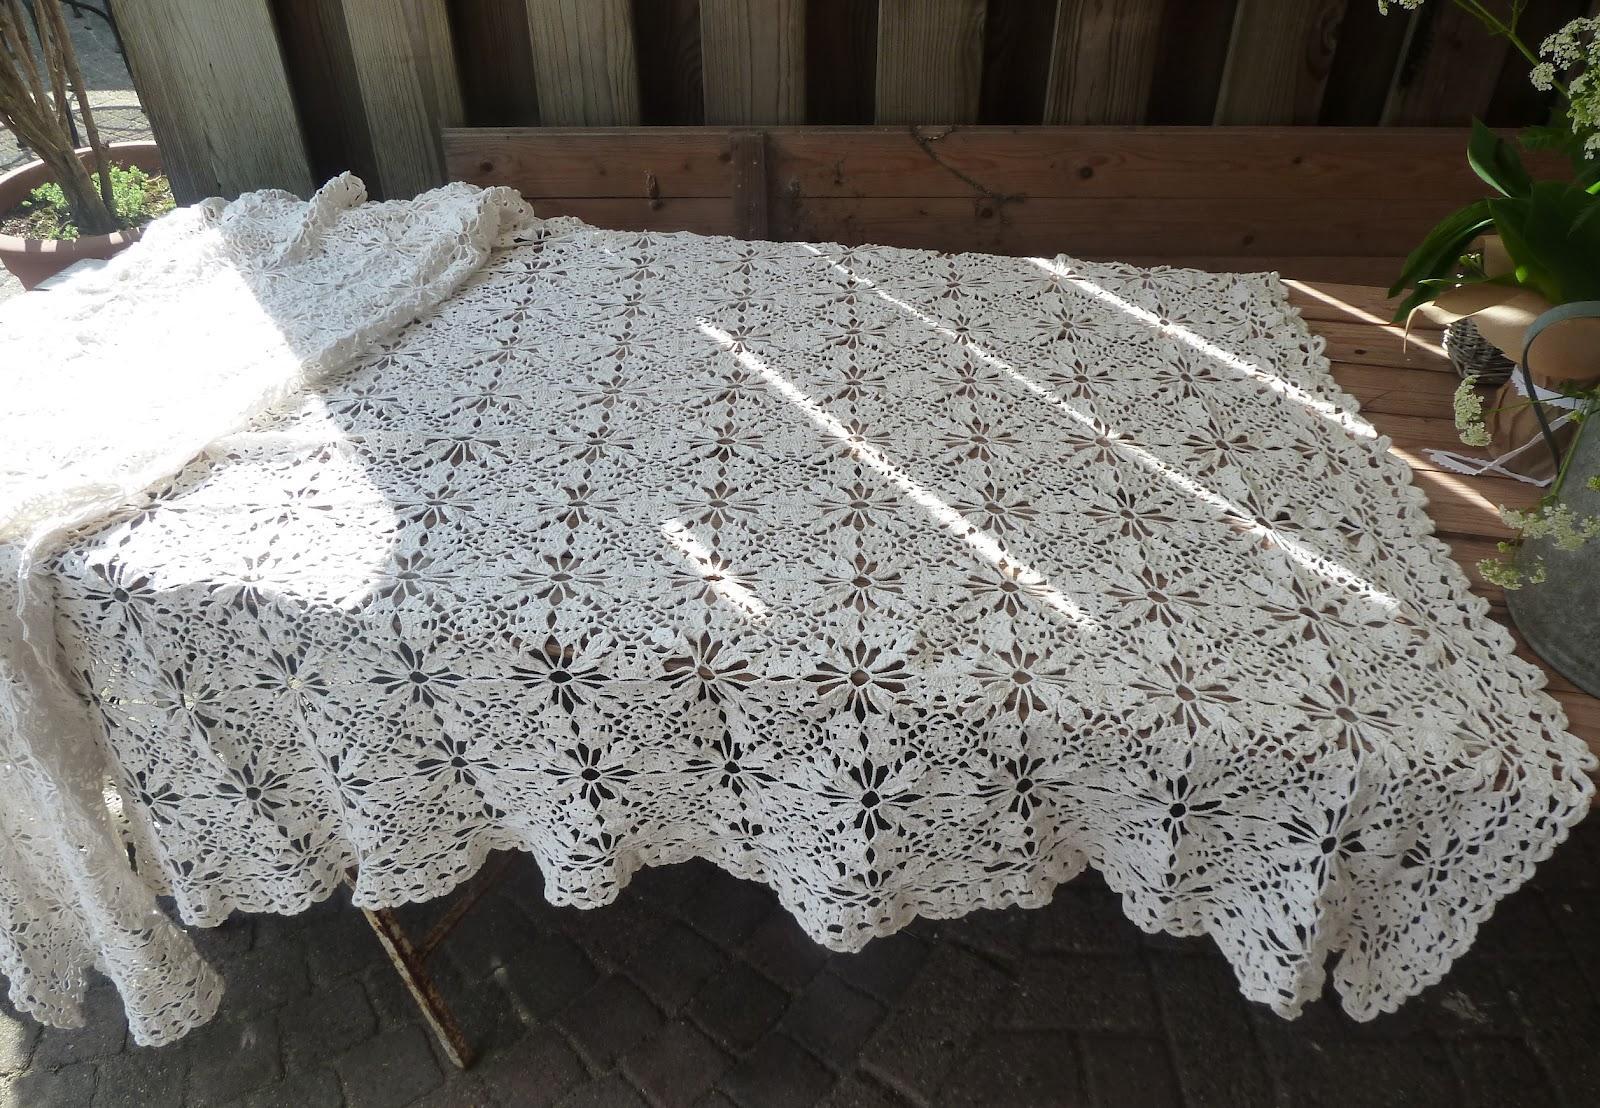 Brocante Keuken Textiel : Geplaatst door Sfeer & Meer op 14:03